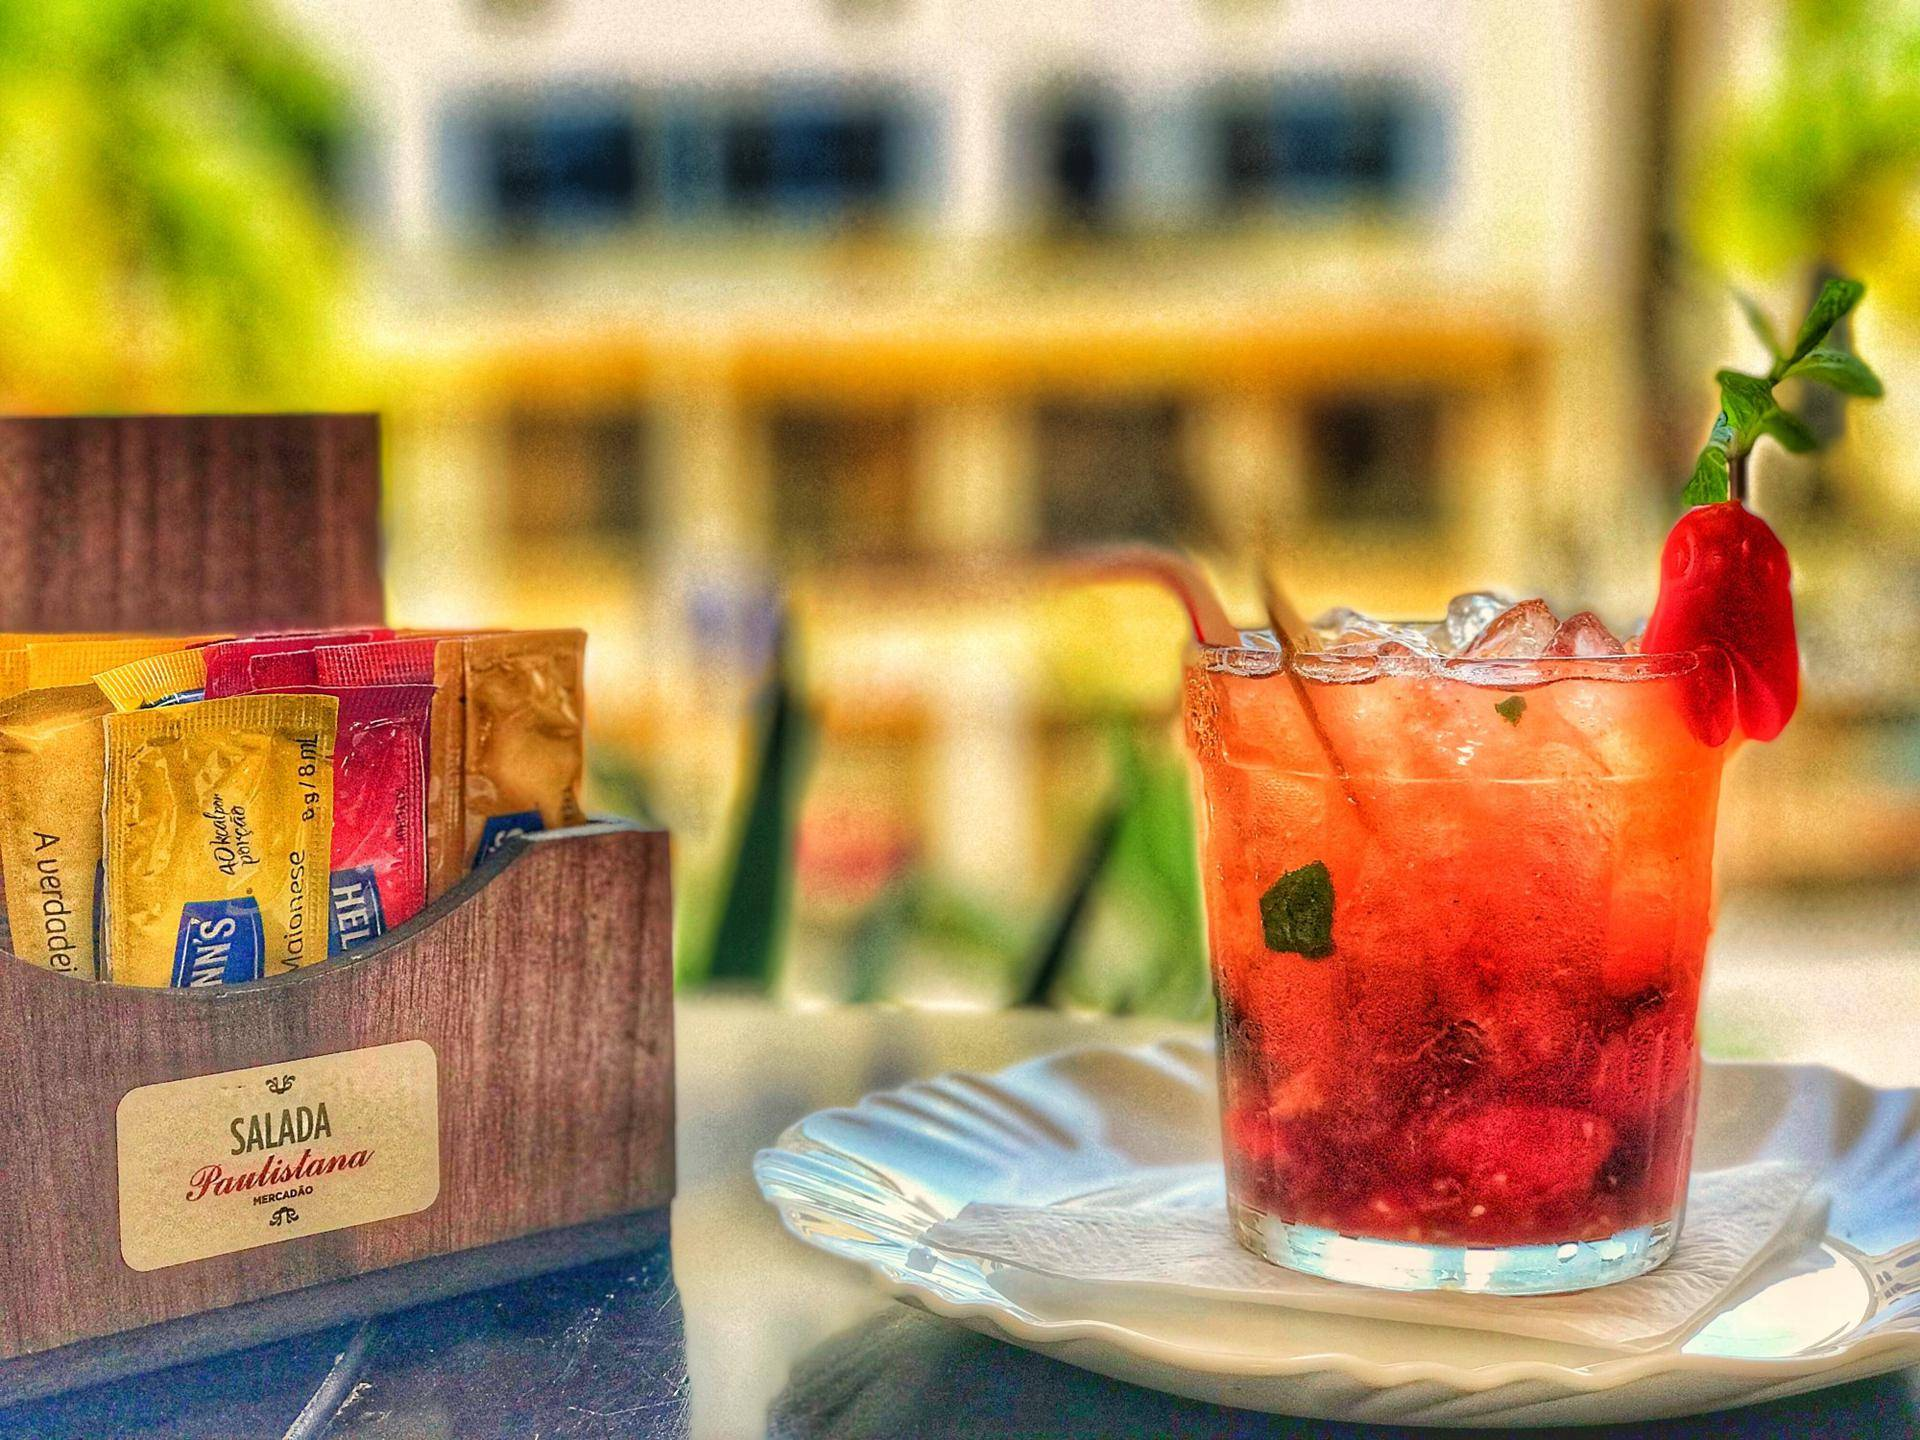 www.juicysantos.com.br- caipirinha de tomate cereja salada paulistana